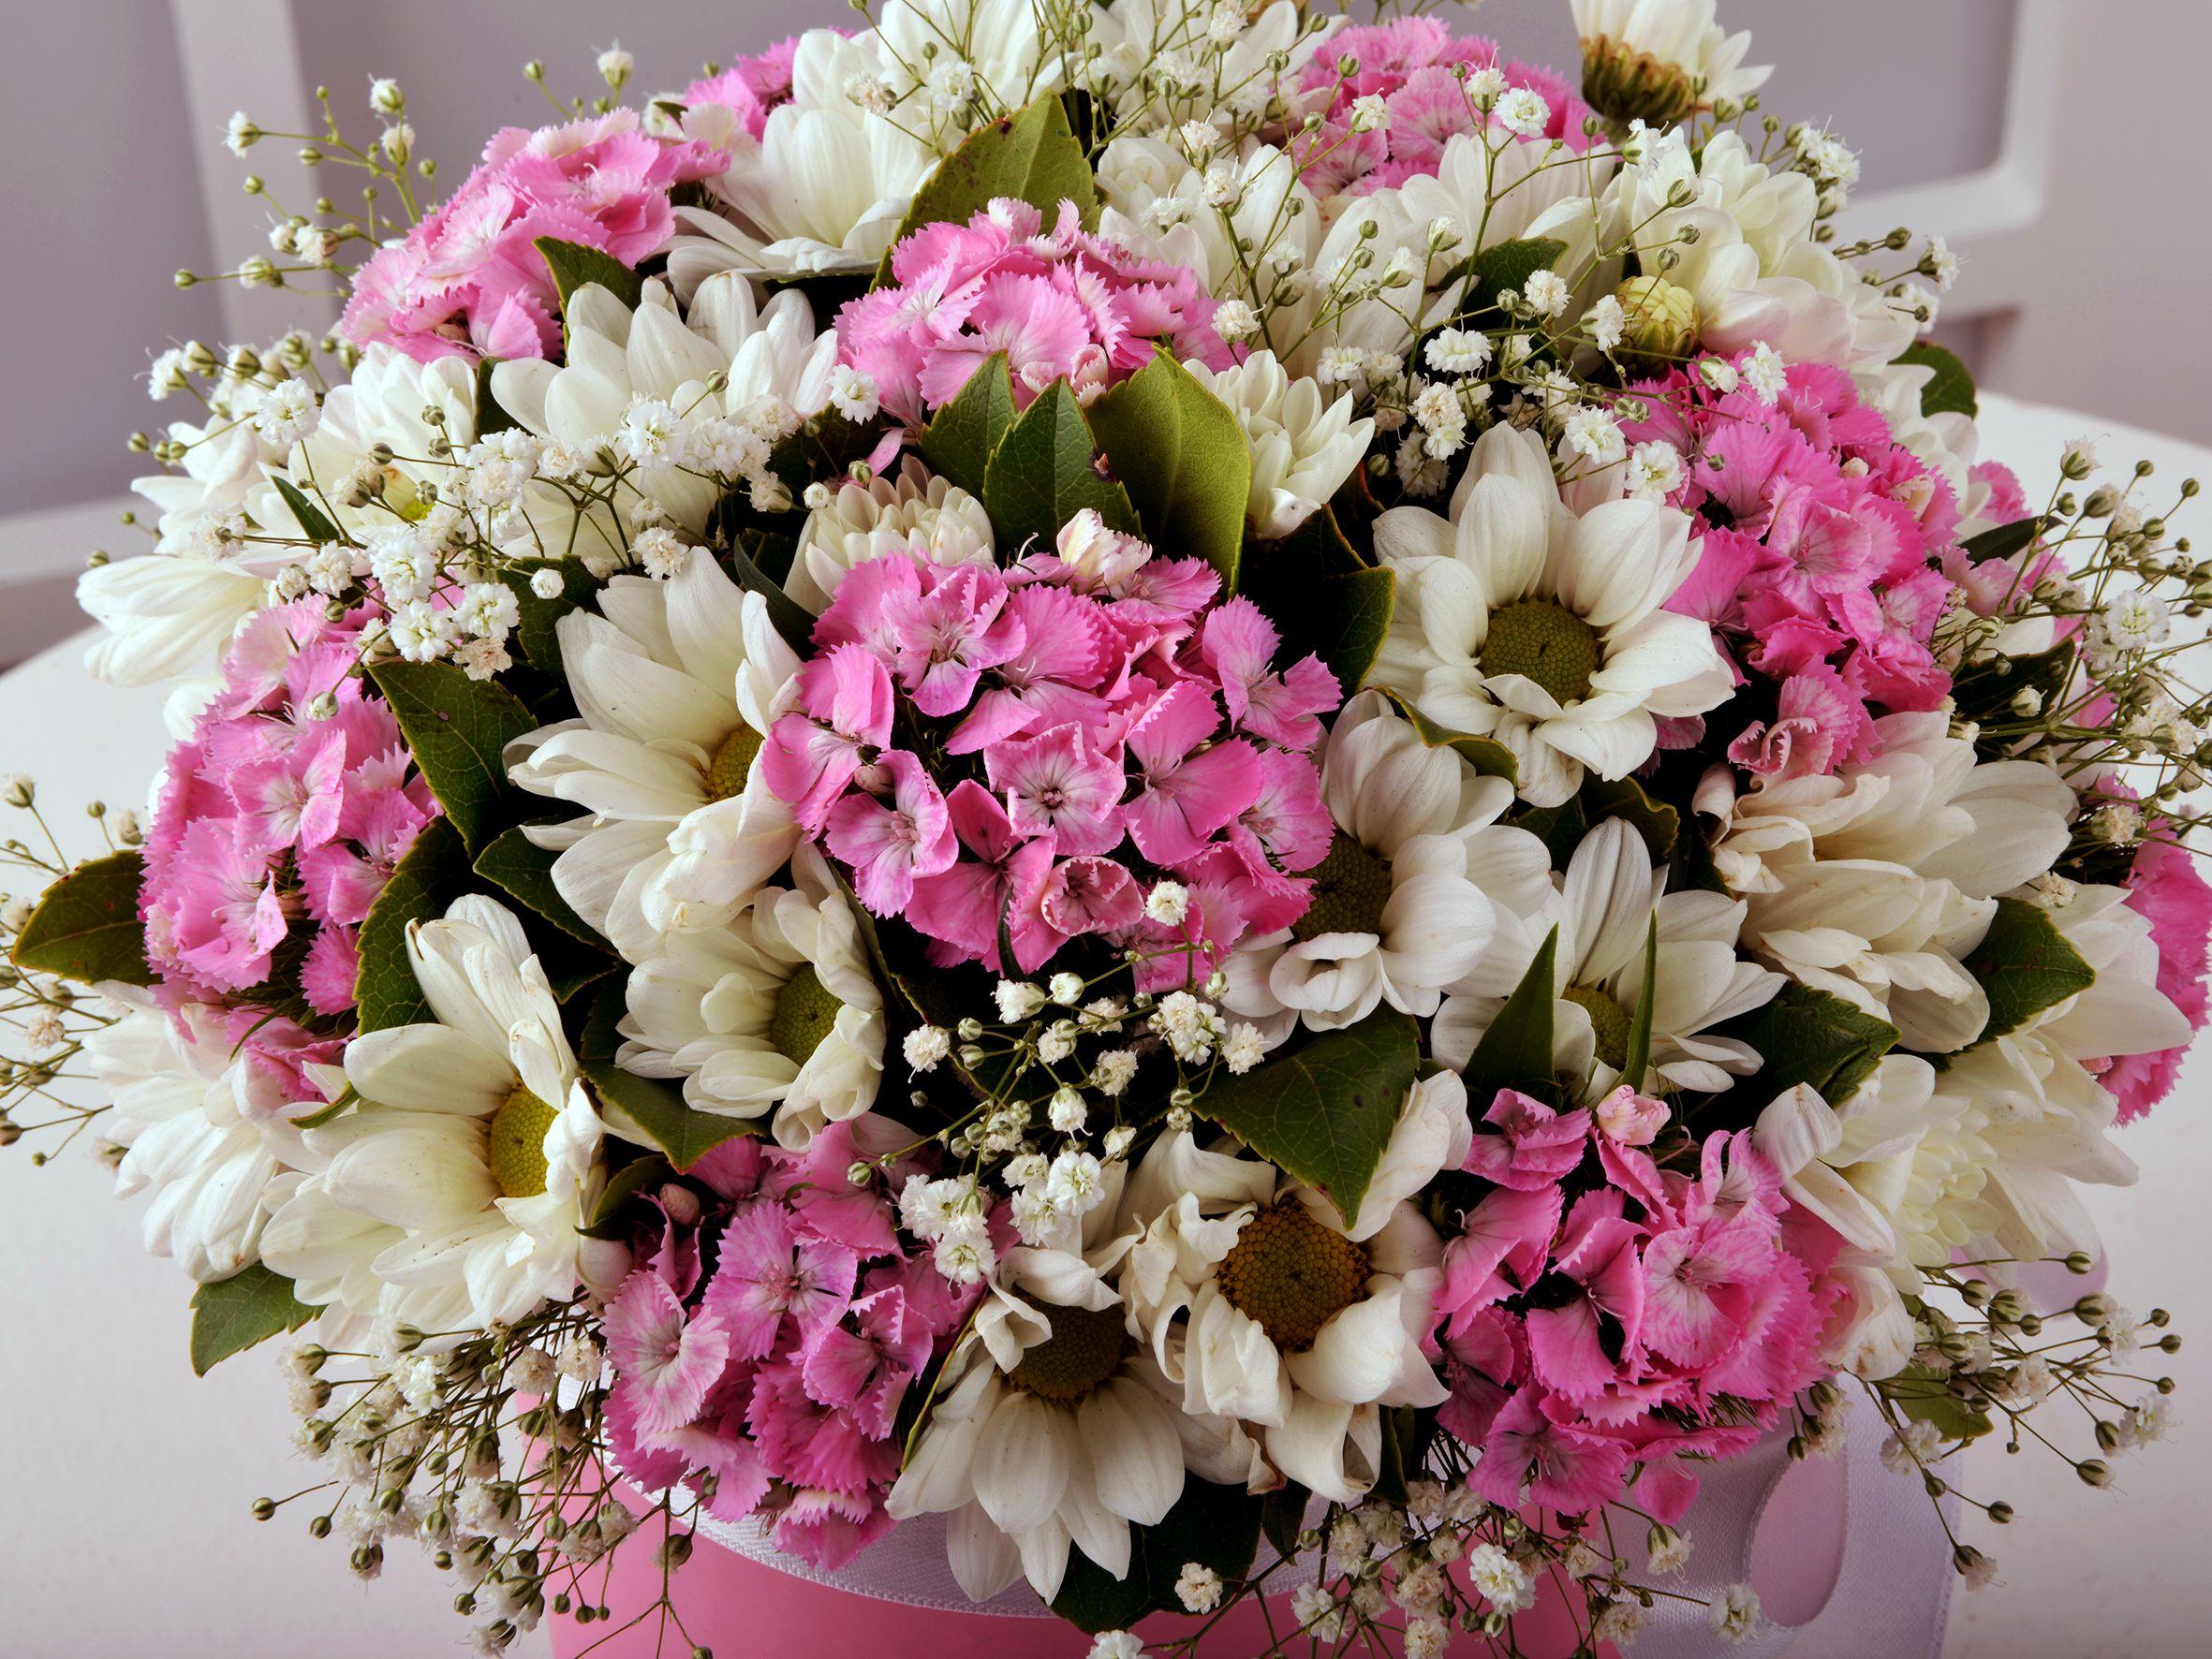 Melek Annem Kır Çiçeği Arajmanı Kutuda Aranjmanlar çiçek gönder